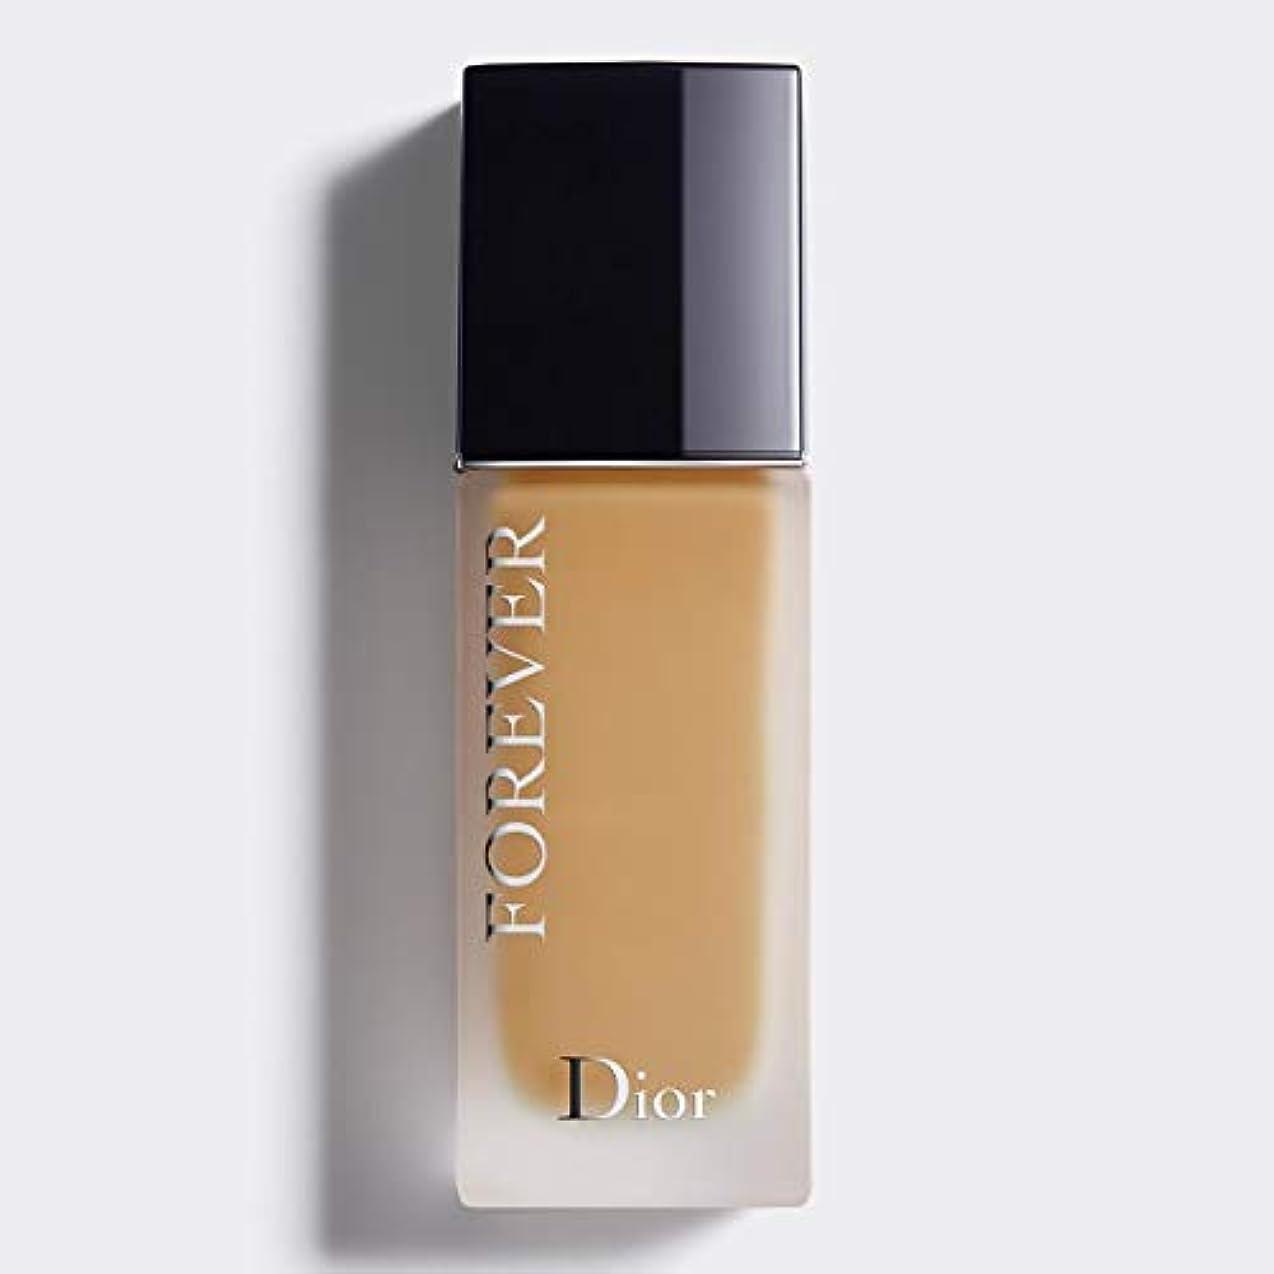 ダイジェスト男やもめせがむクリスチャンディオール Dior Forever 24H Wear High Perfection Foundation SPF 35 - # 3WO (Warm Olive) 30ml/1oz並行輸入品